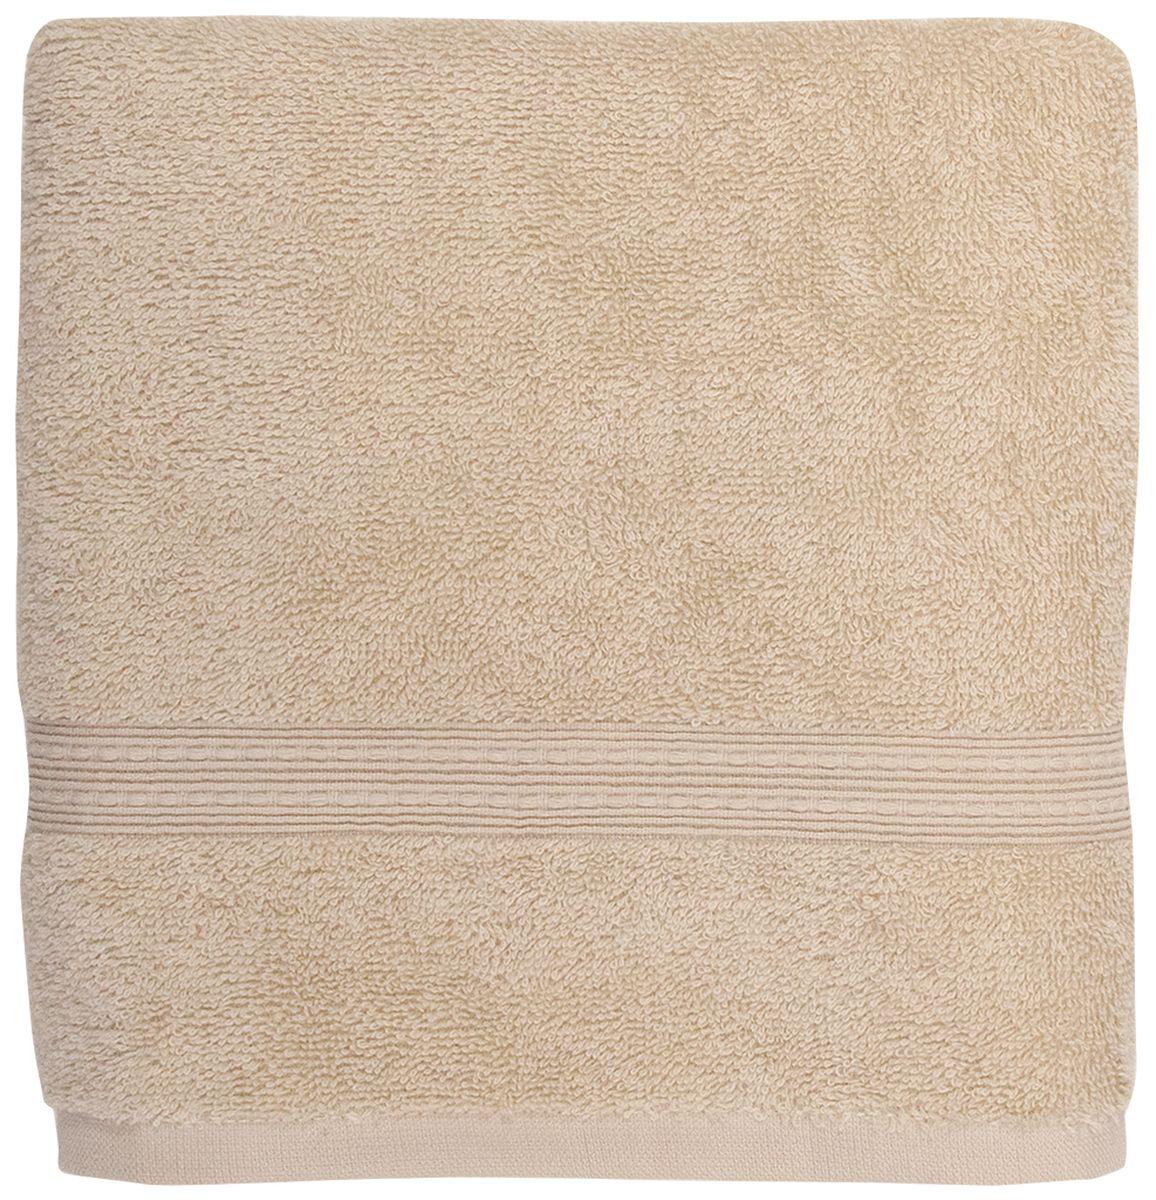 Полотенце банное Bonita Classic, цвет: бисквит, 50 x 90 см68/5/2Банное полотенце Bonita Classic выполнено из 100% хлопка. Изделие отлично впитывает влагу, быстро сохнет, сохраняет яркость цвета и не теряет форму даже после многократных стирок. Такое полотенце очень практично и неприхотливо в уходе. Оно создаст прекрасное настроение и украсит интерьер в ванной комнате.